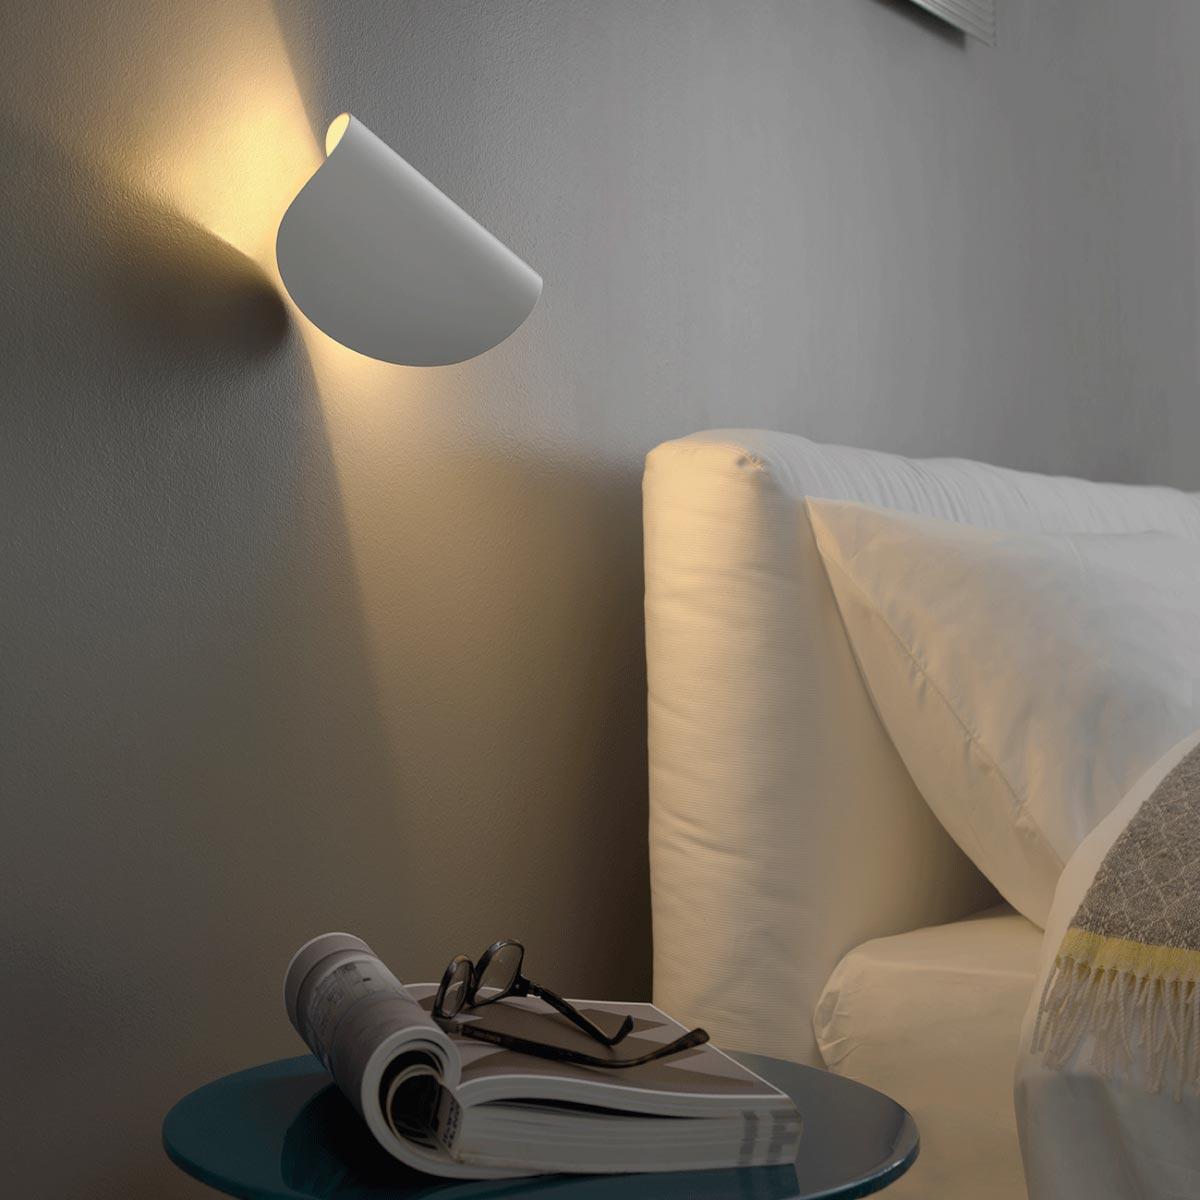 Lampade Design Camera Da Letto.Lampade Design Pavia Arredare La Casa Con L Illuminazione